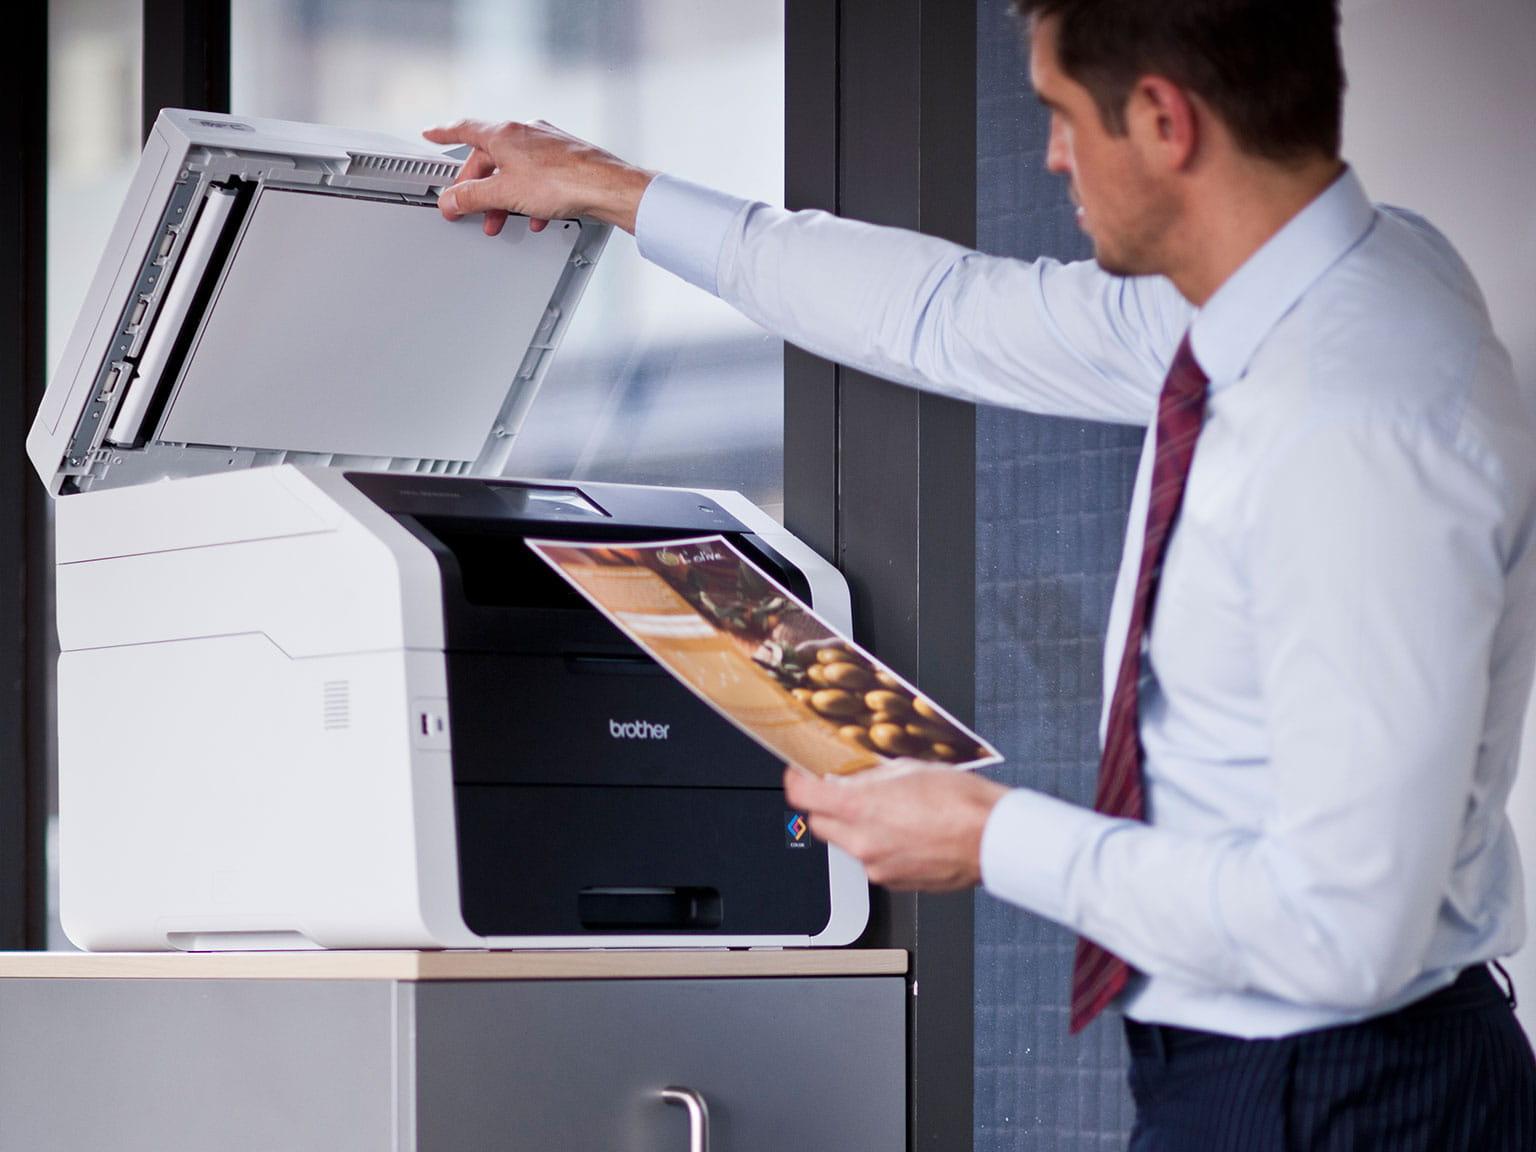 velika-podjetja-skeniranje-v-rešitve